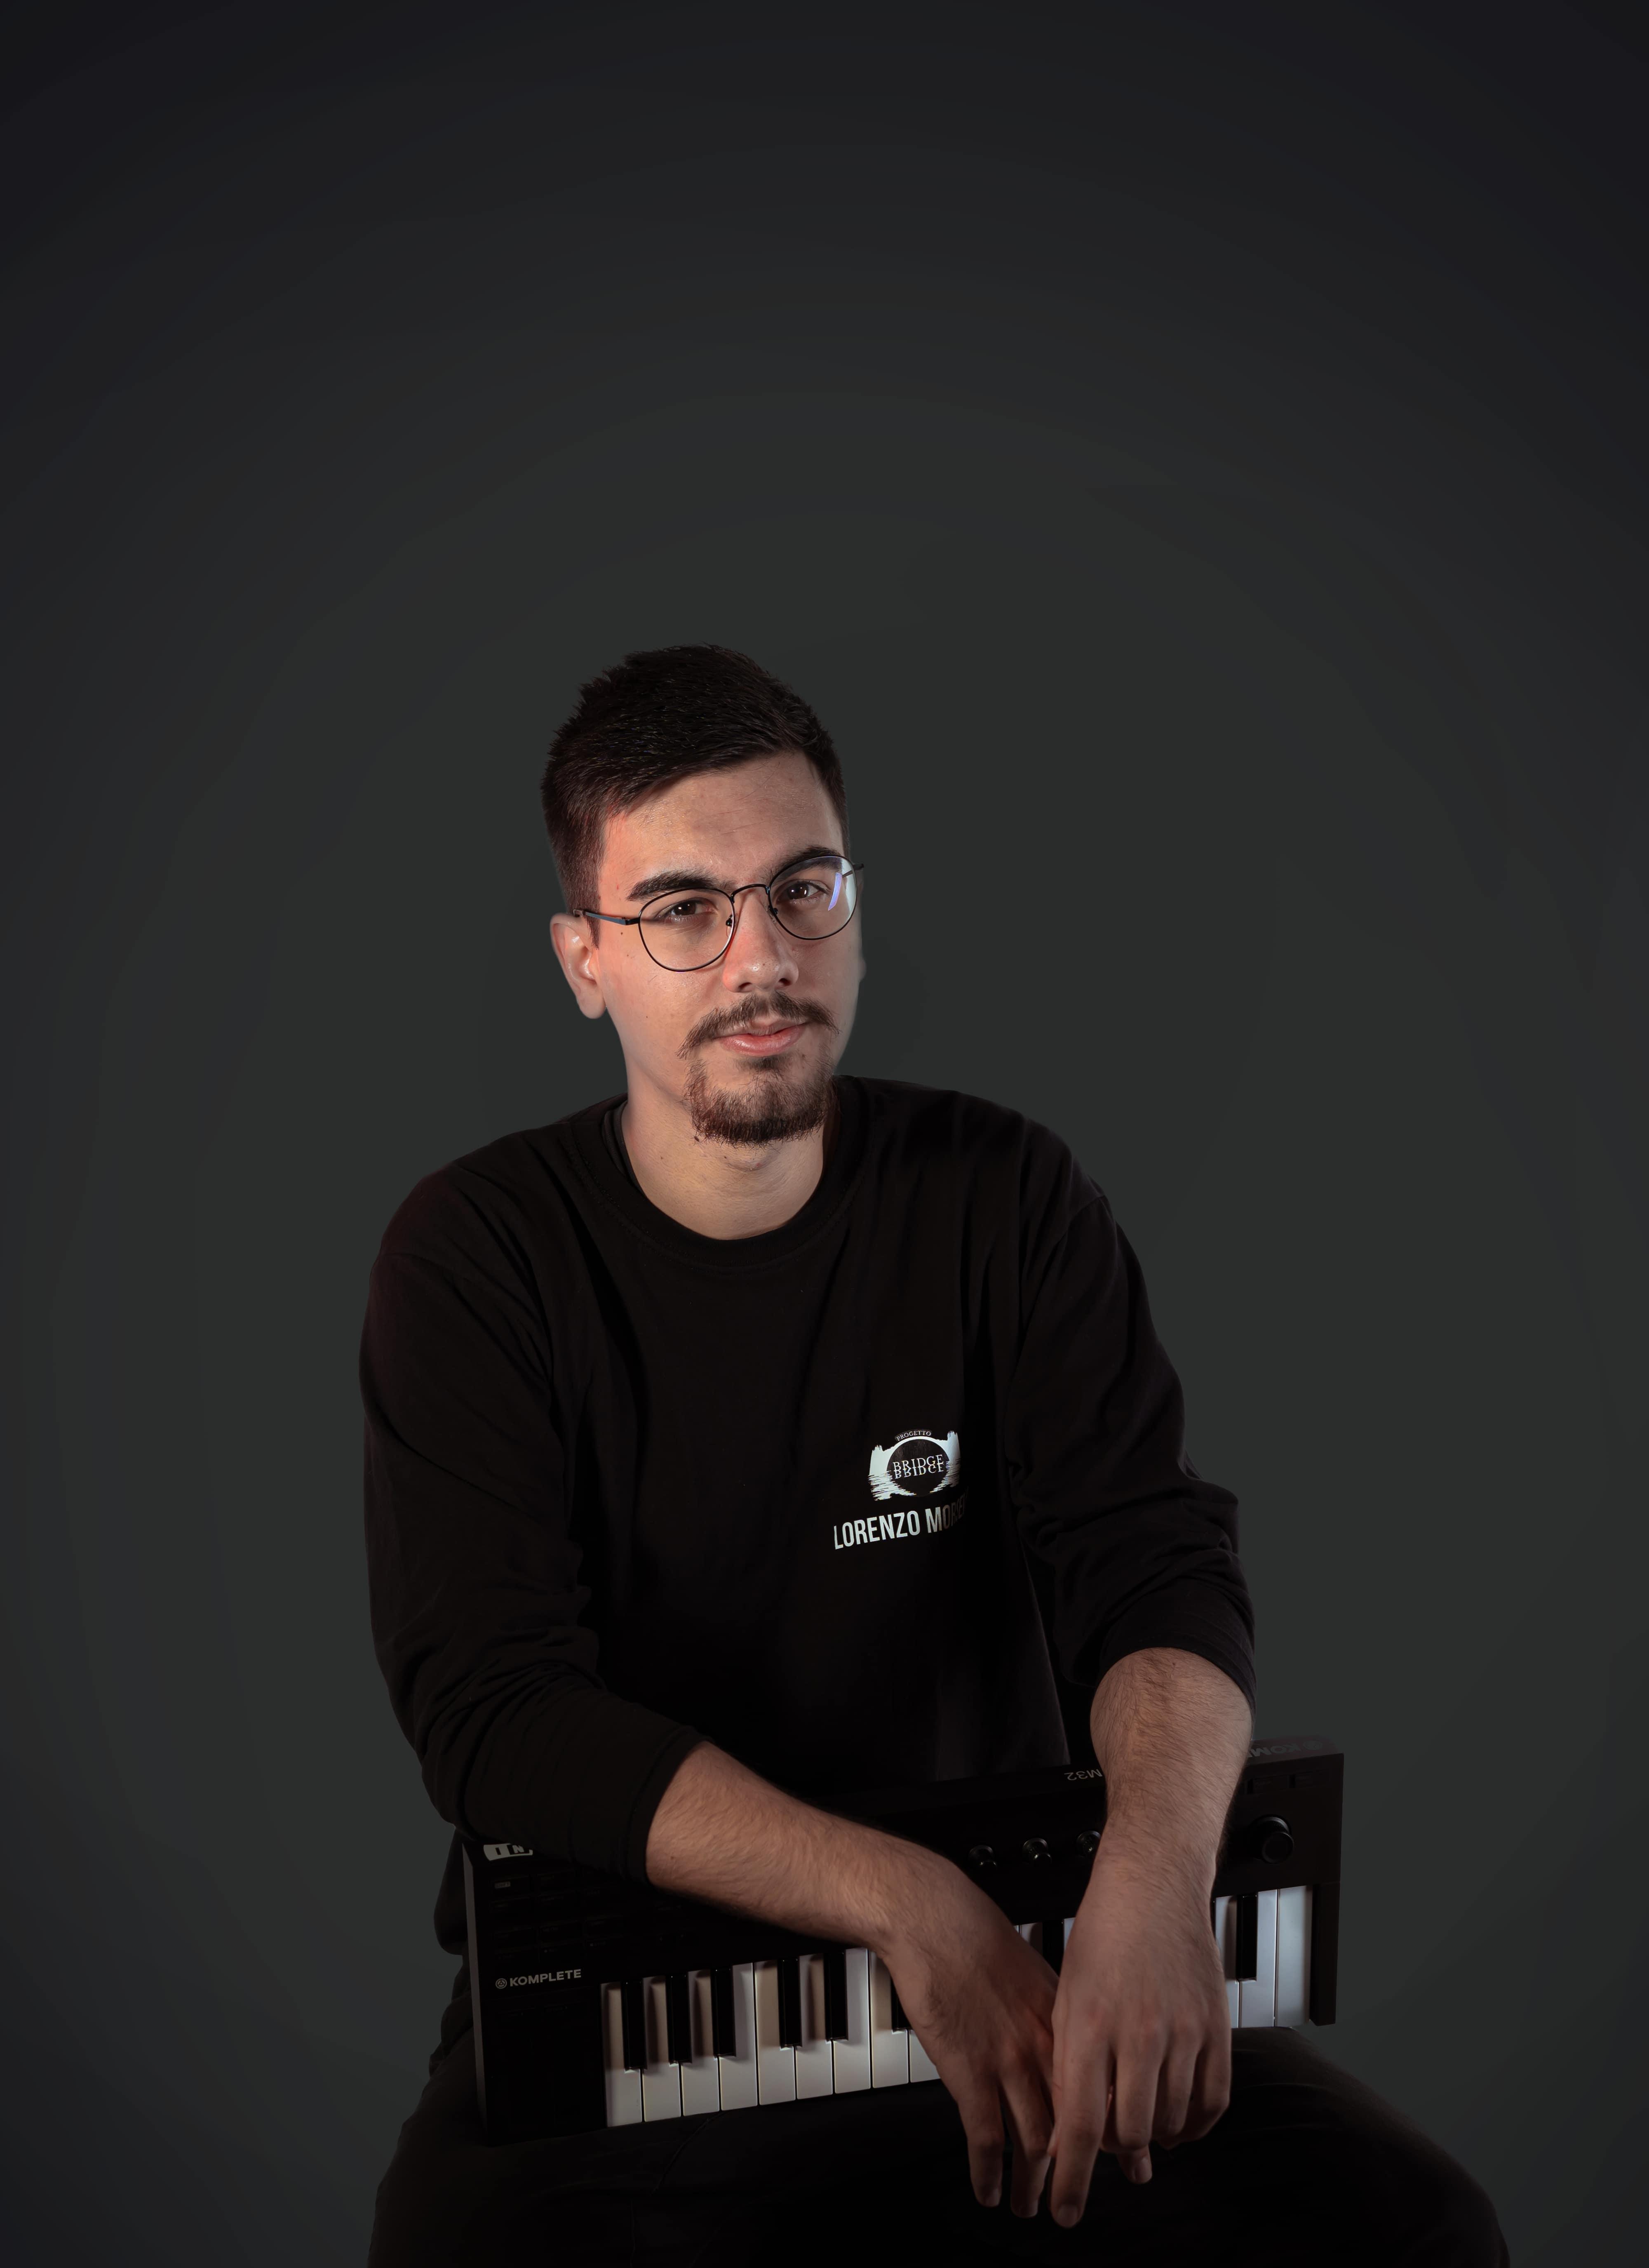 Lorenzo Morselli Immagine Profilo